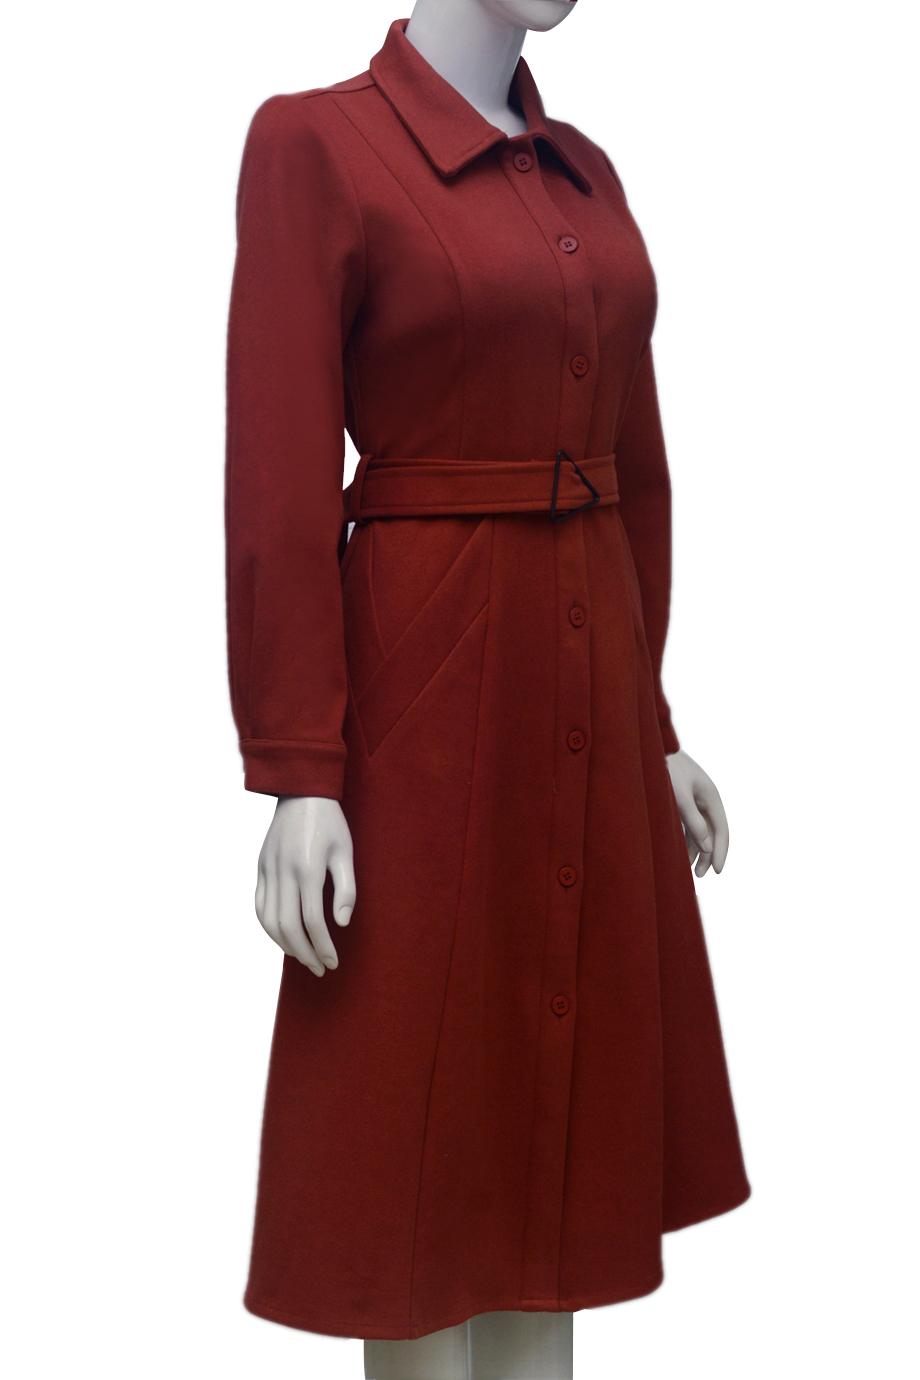 Áo choàng dạ ELMI thời trang cao cấp màu cam EV53